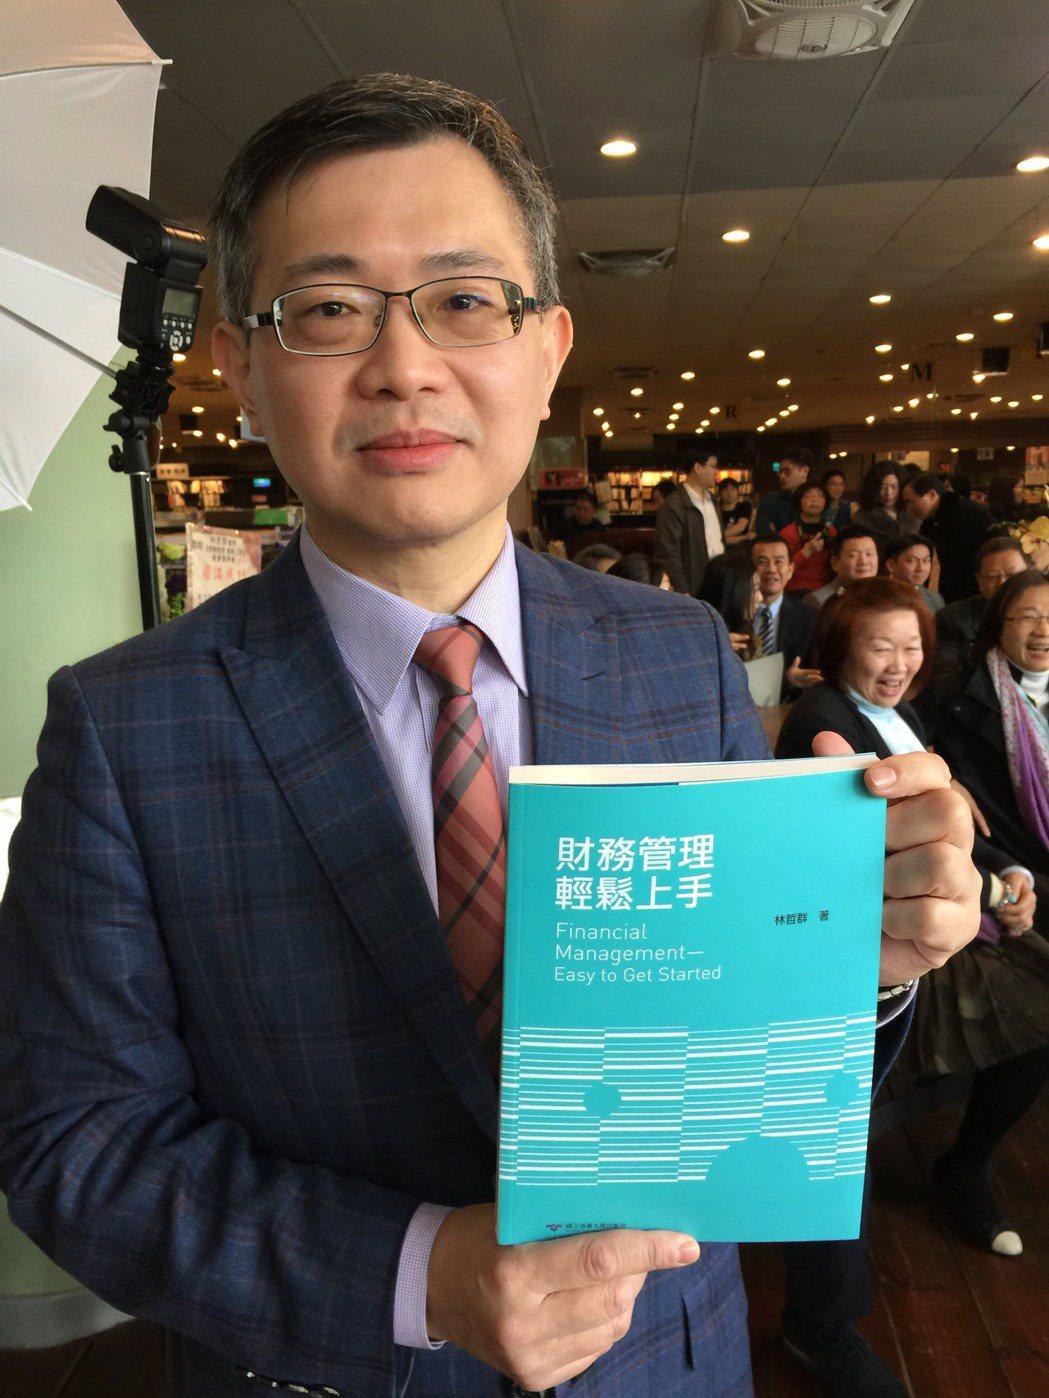 清華大學計量財務金融系教授林哲群,發表《財務管理 輕鬆上手》新書。記者李珣瑛/攝...